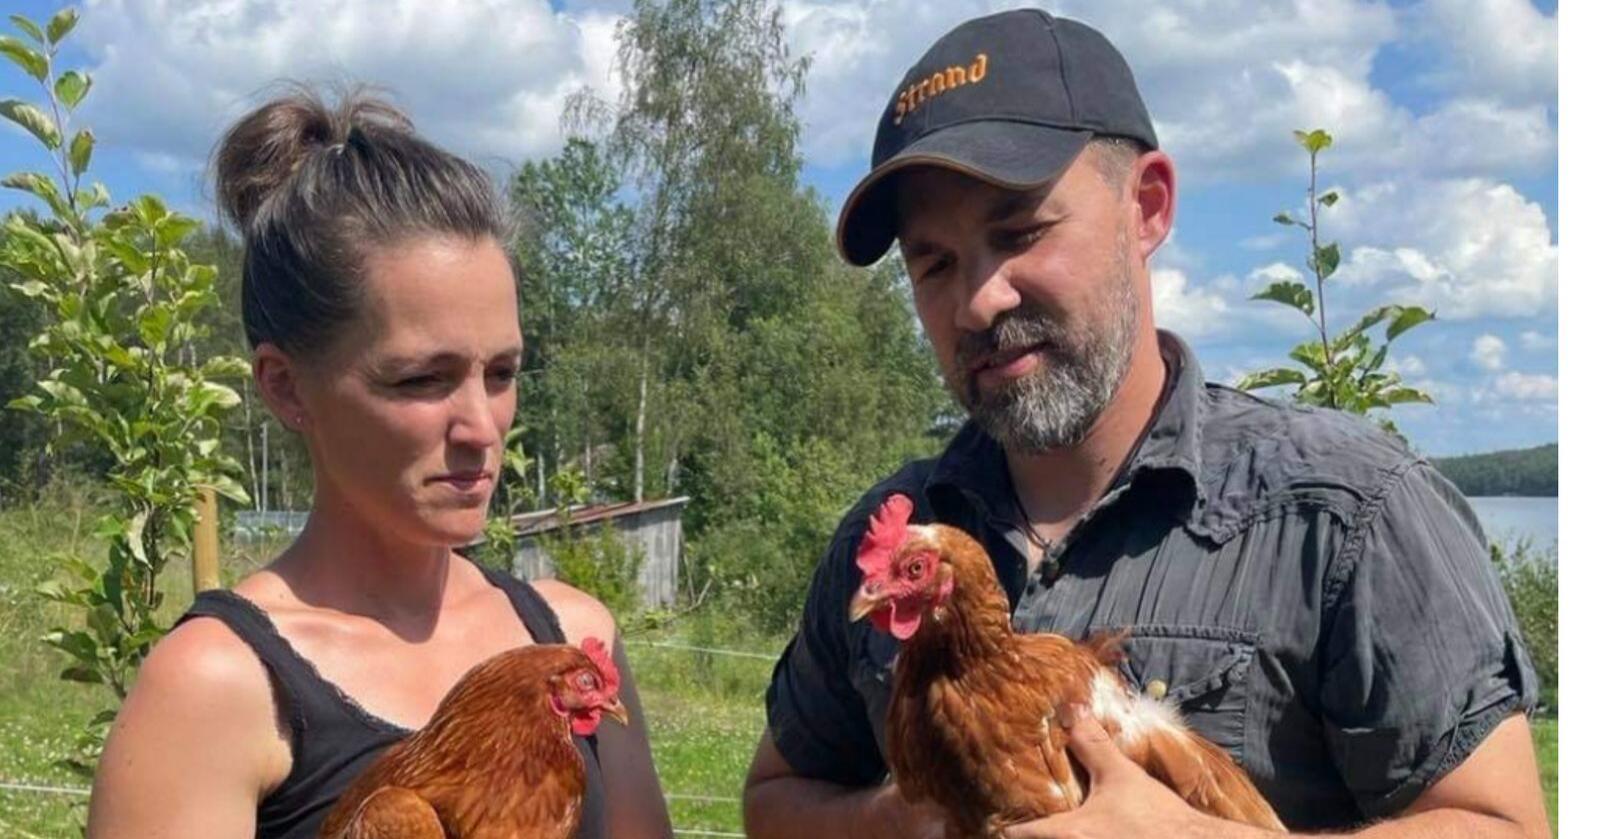 Småbruksbøndene Camilla Watvedt og Johannes Hvaal Solberg vil ikke følge kravet om portforbud. (Foto: Privat)